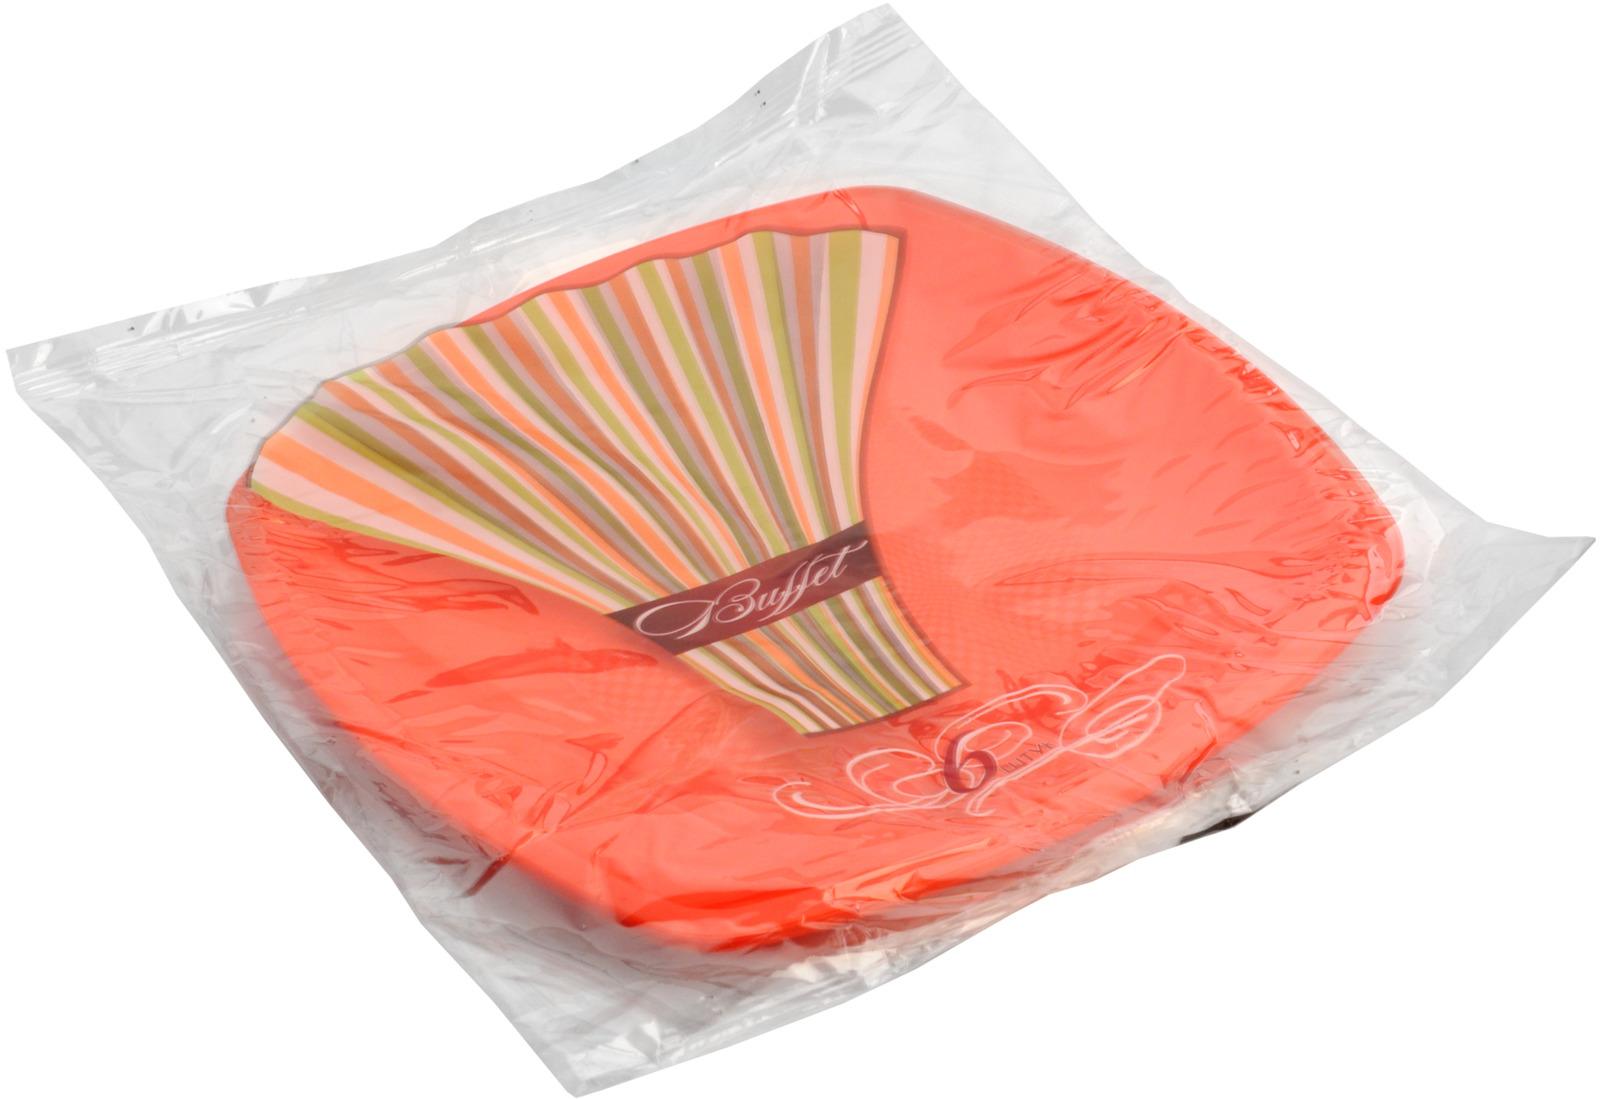 Тарелки из пластических масс (полипропилен) для холодных и горячих (до +70С) пищевых продуктов: тарелки 230*230мм цветные, ГОСТ Р 50962-96, ТО 400-33-38-130-09.